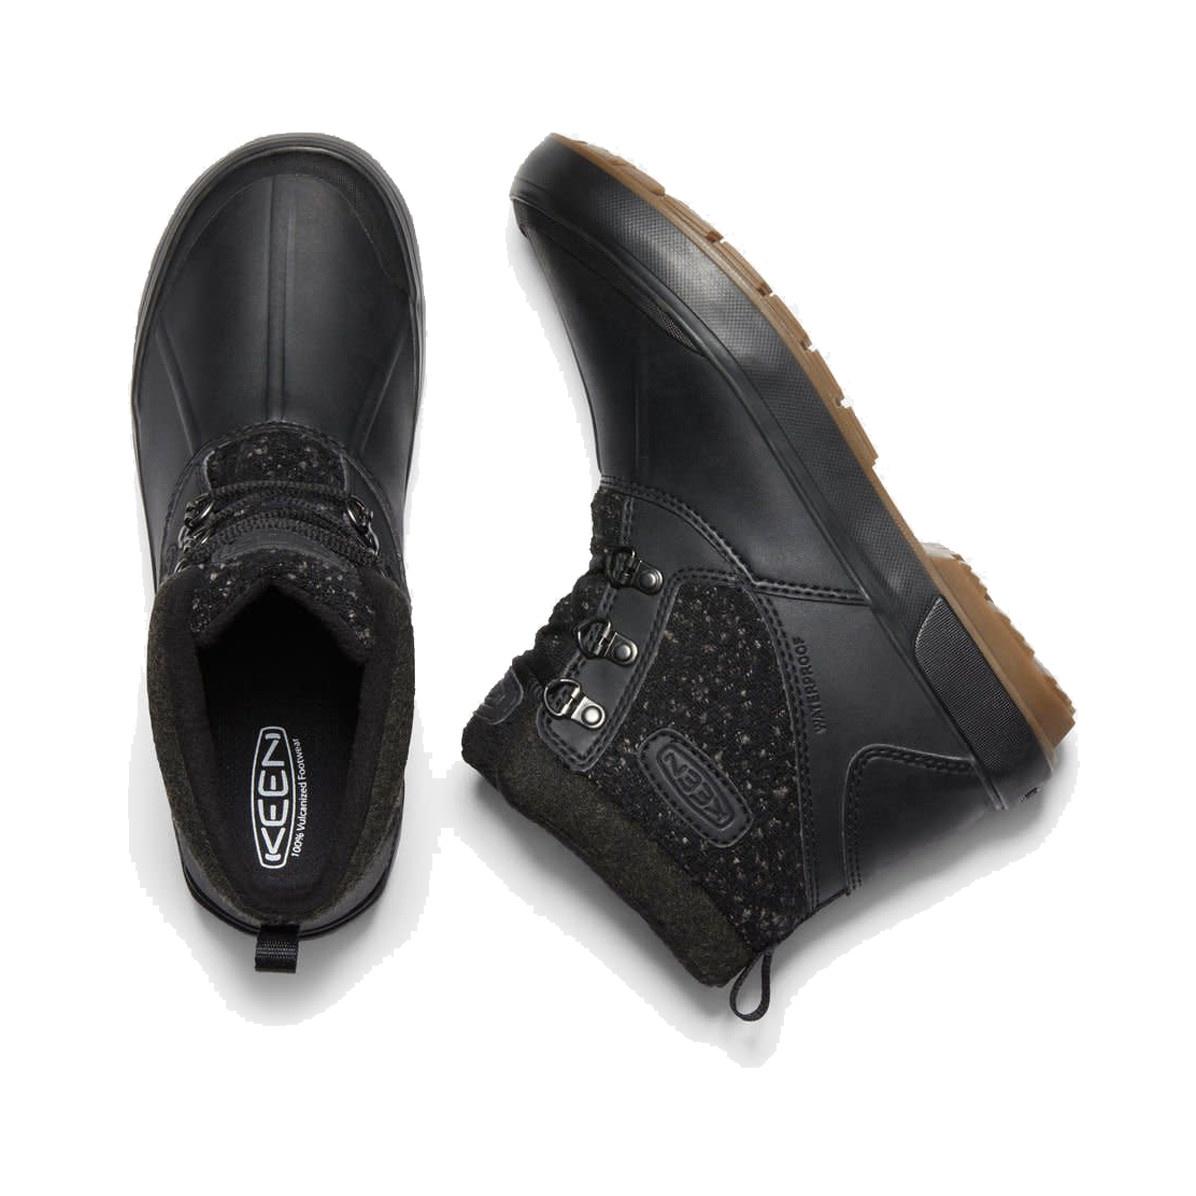 Keen Keen Belleterre Ankle Boot